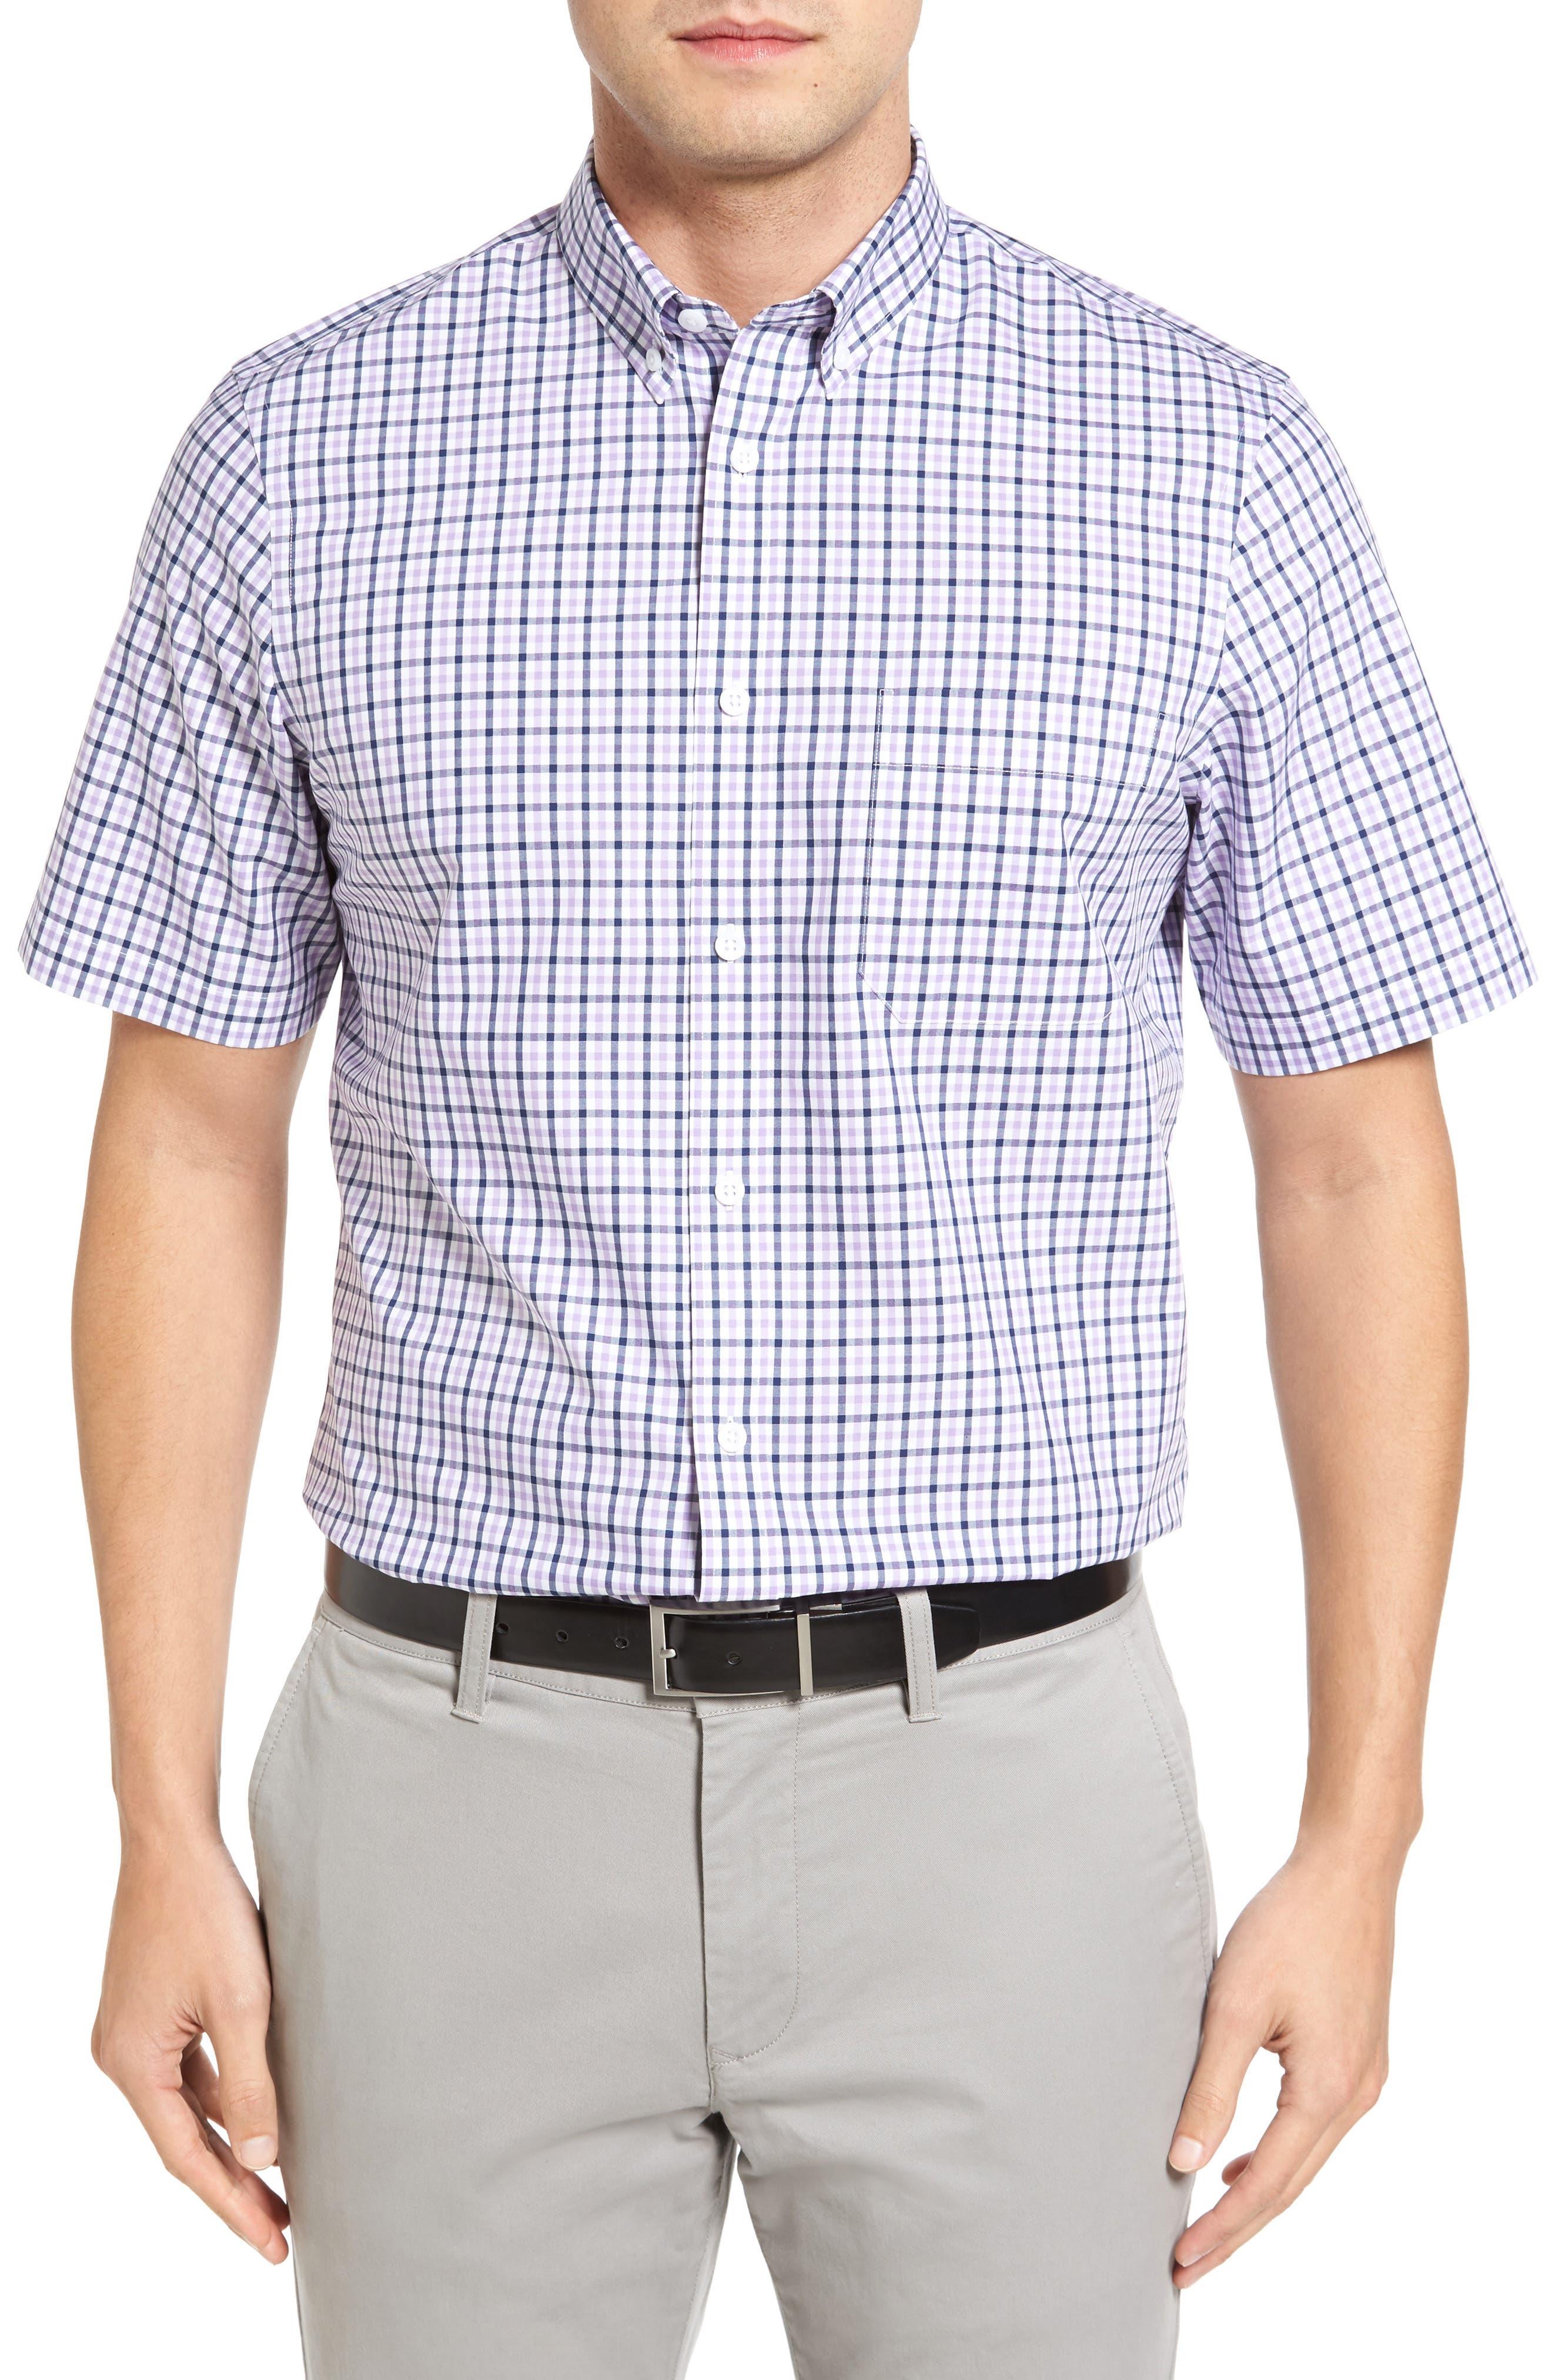 Nordstrom Men's Shop Smartcare™ Regular Fit Short Sleeve Sport Shirt